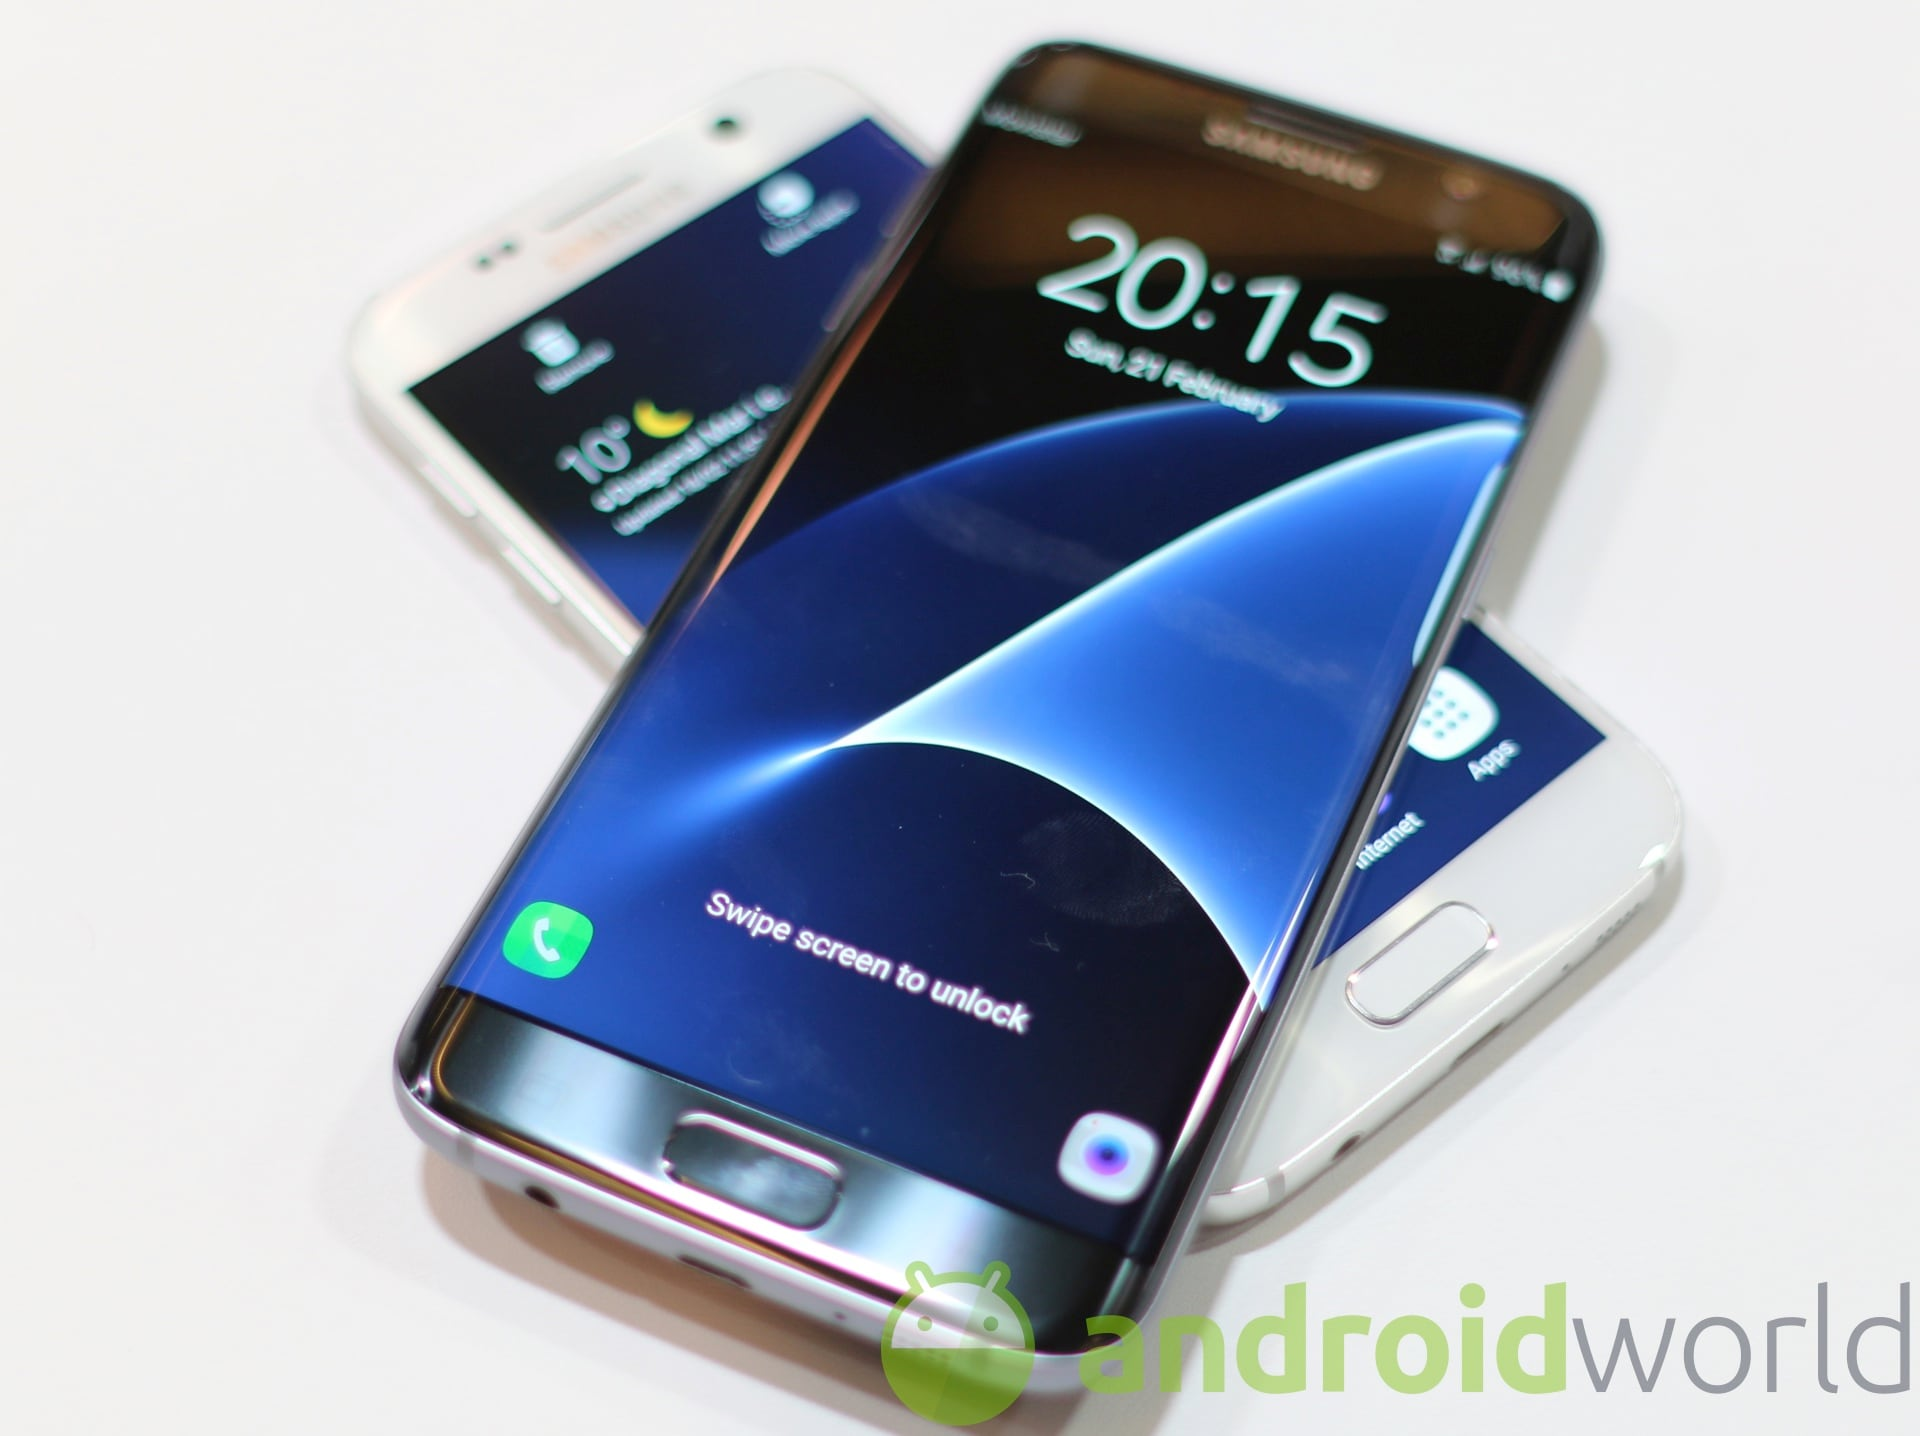 Nuovo, piccolo aggiornamento software per Samsung Galaxy S7 (foto)